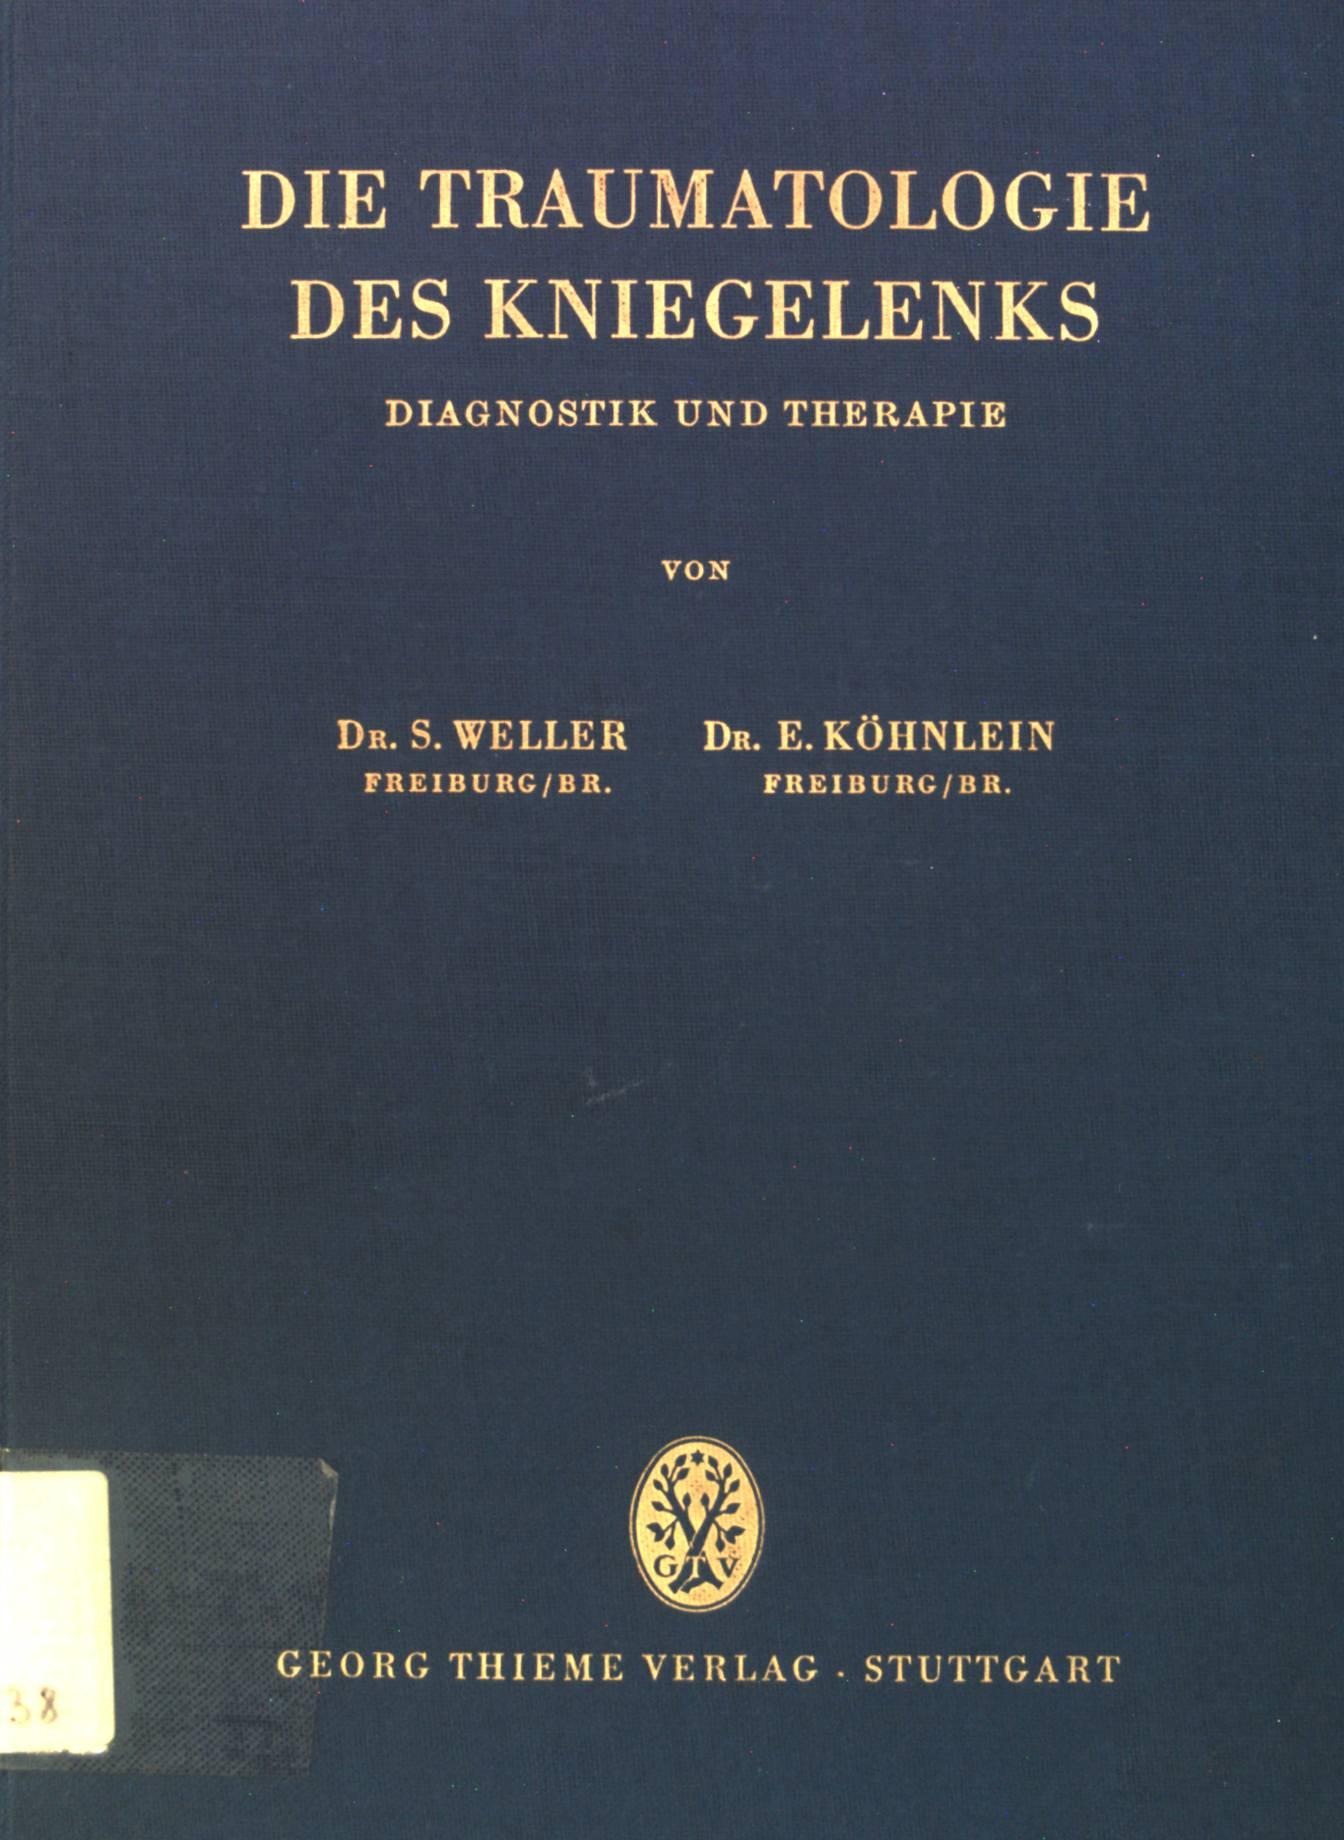 Die Traumatologie des Kniegelenks: Diagnostik und Therapie.: Weller, S. und